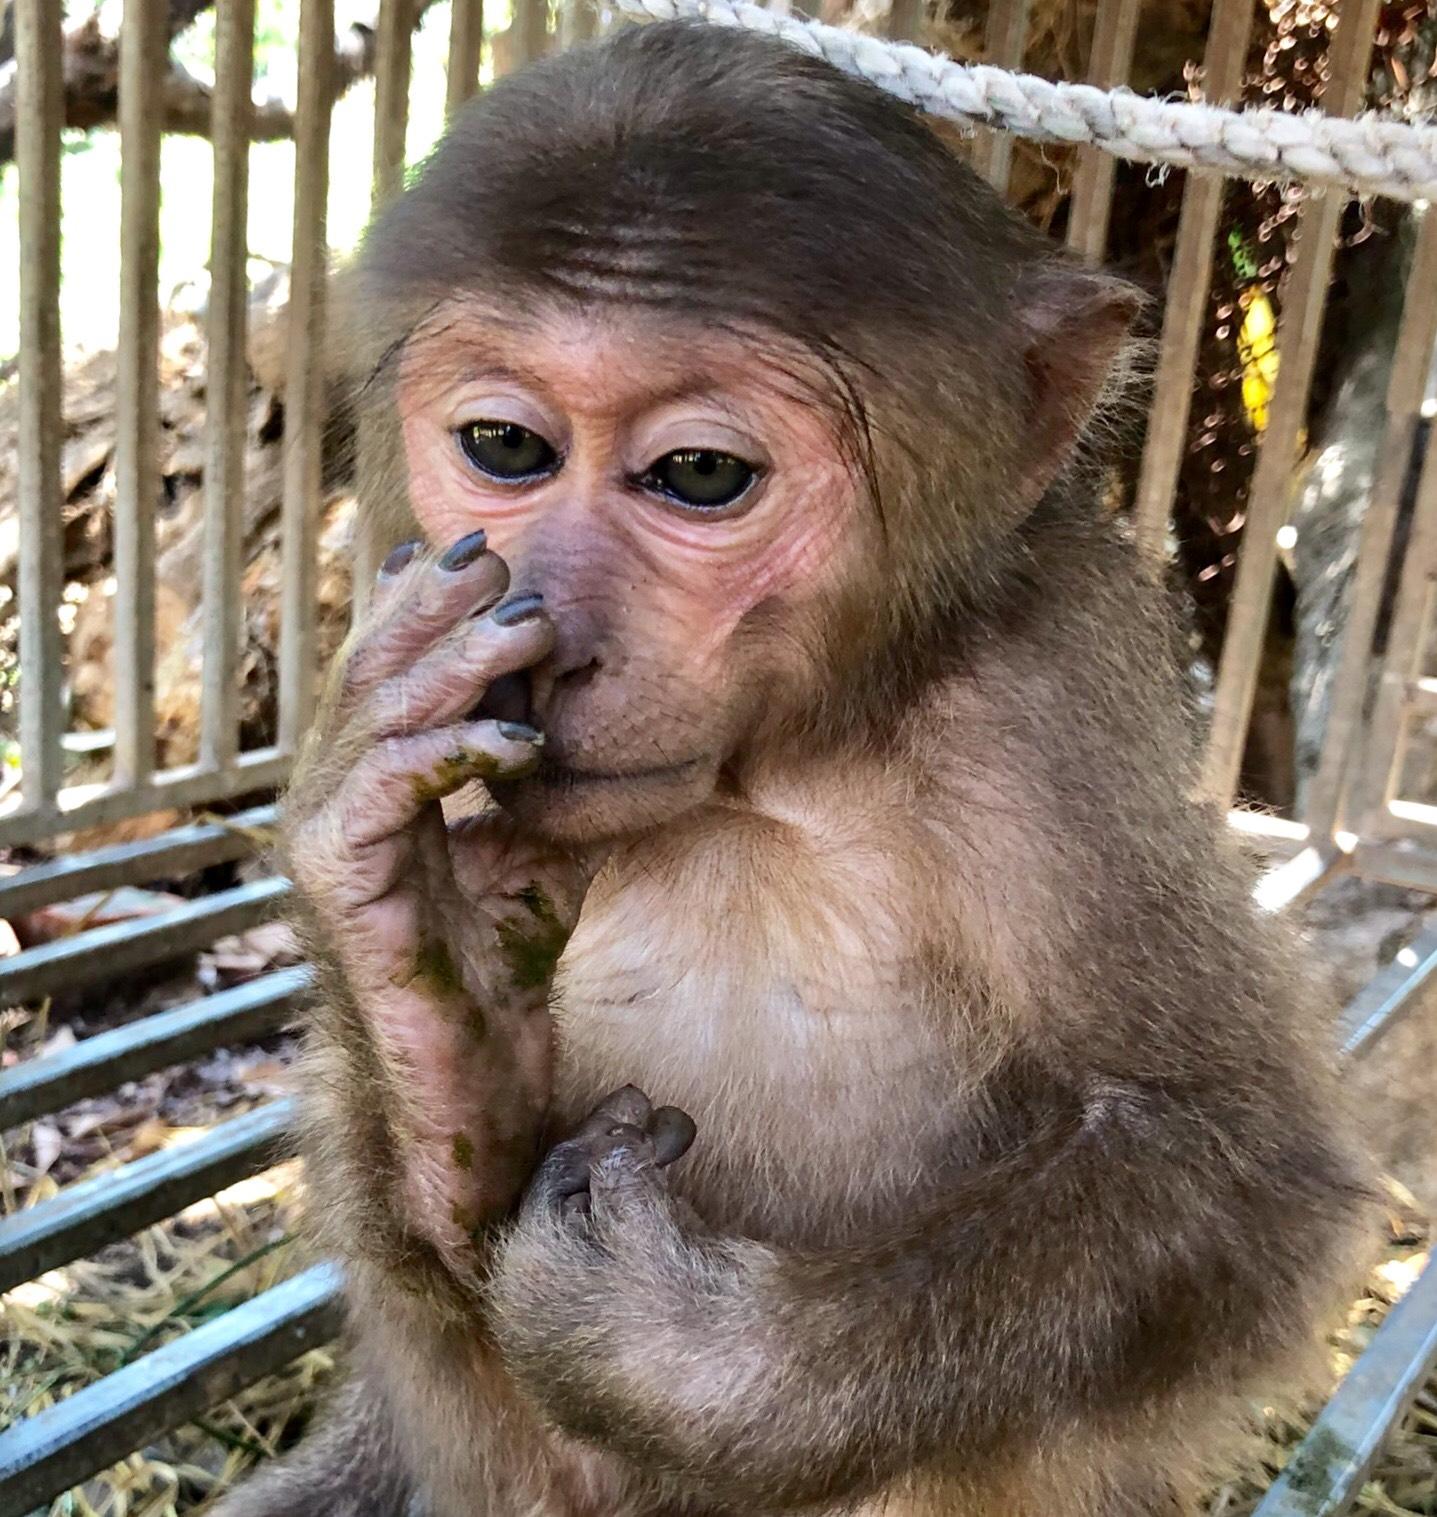 Vườn Quốc gia Vũ Quang tiếp nhận 1 cá thể động vật hoang dã quý, hiếm từ Hạt Kiểm lâm huyện Cẩm Xuyên để chăm sóc, cứu hộ.